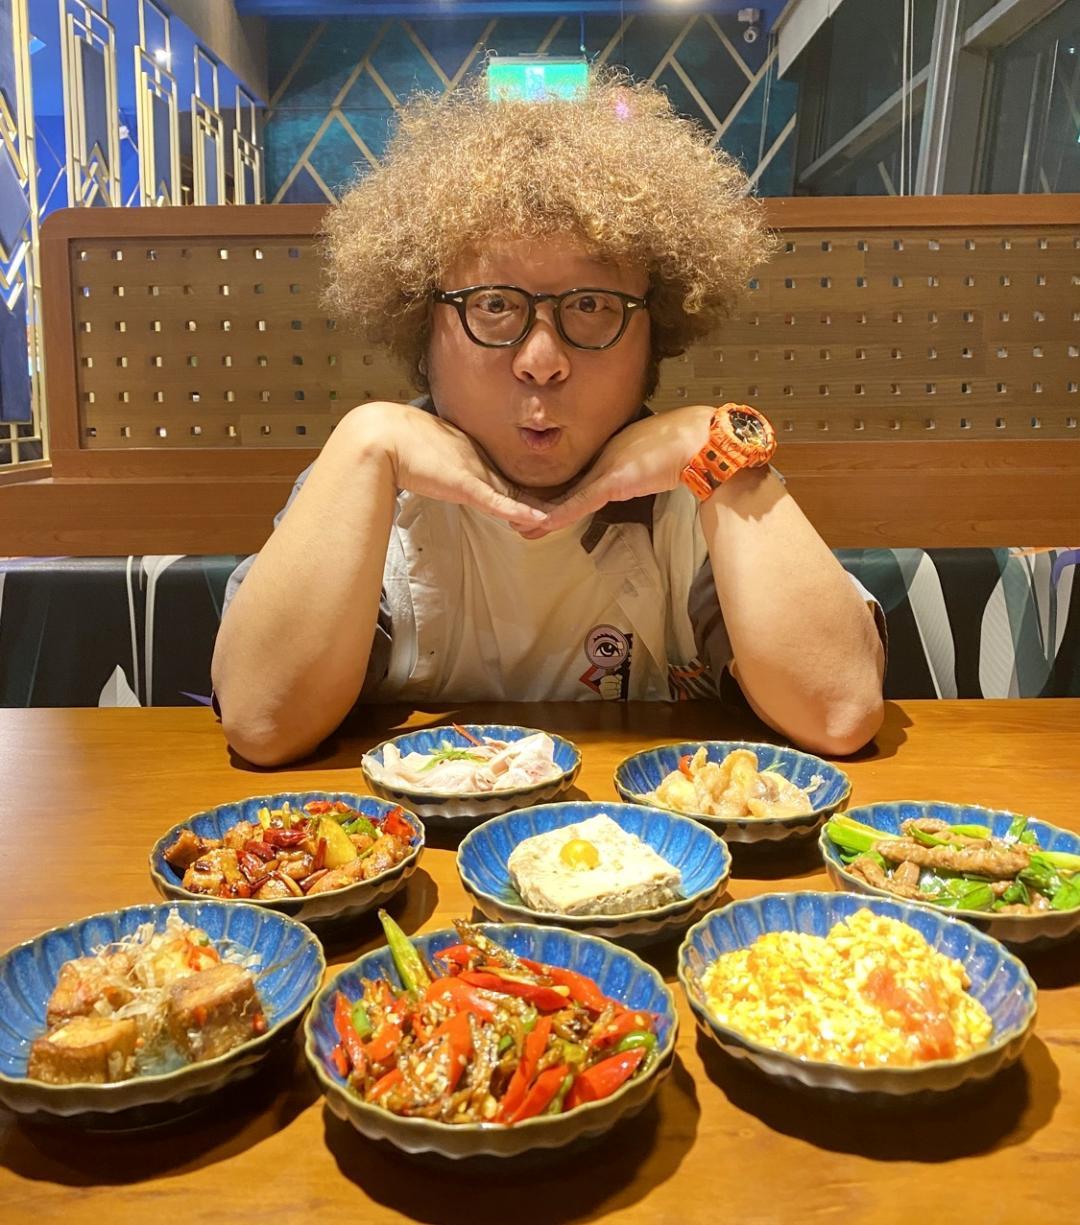 金馬最佳吃貨!納豆私推全台10間美食「爆料龍蝦麵線、隱藏版日料」愛店曝光